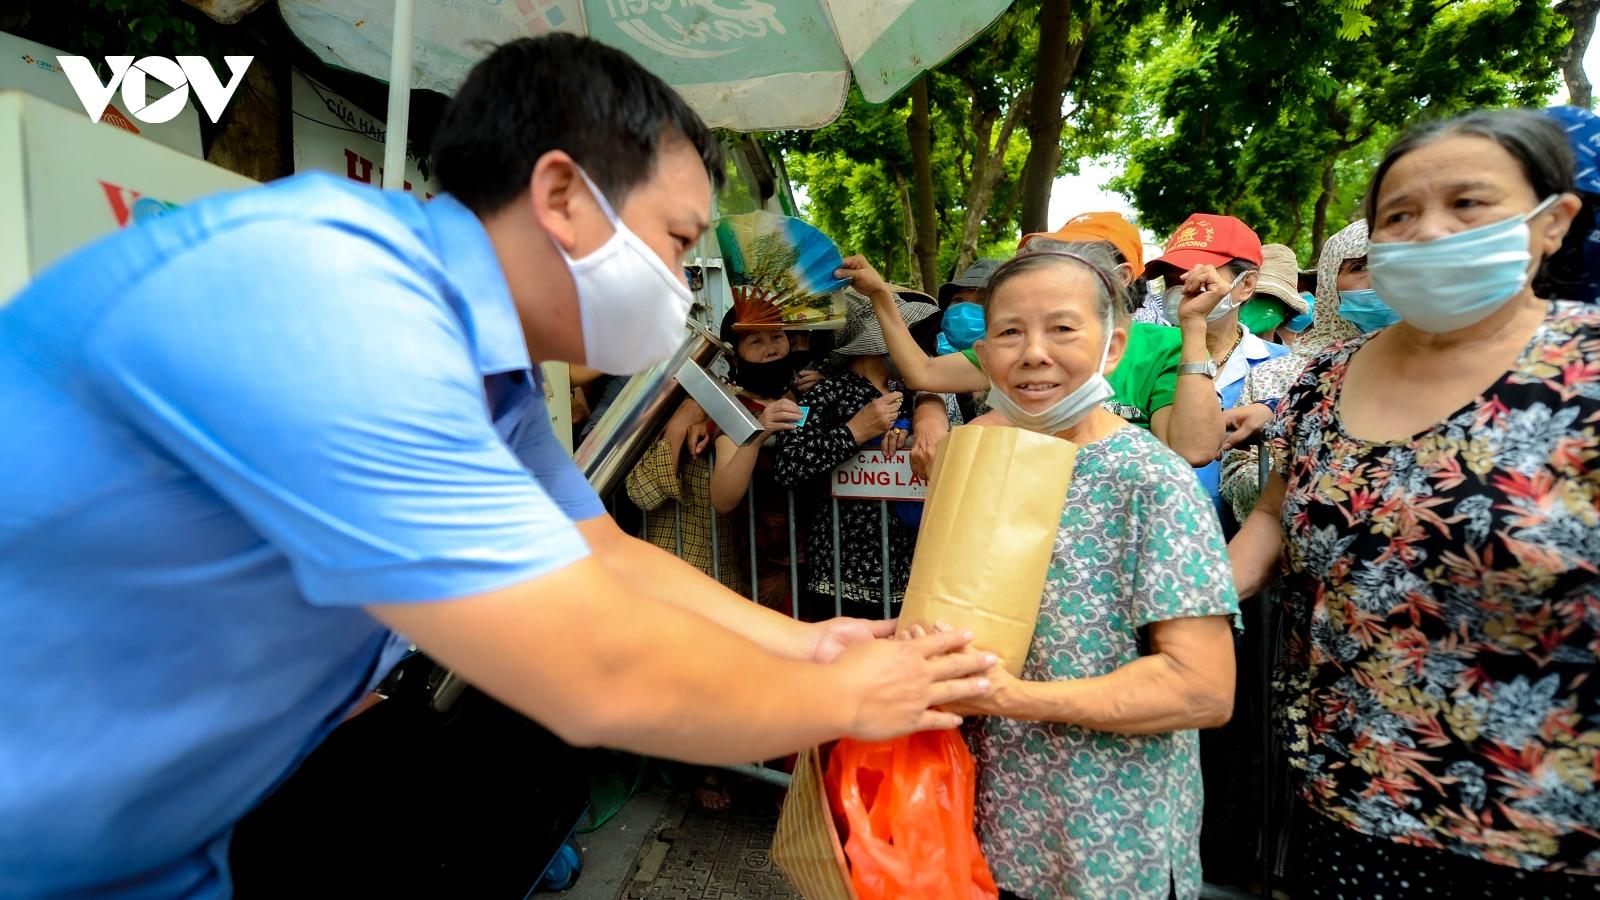 Công đoàn Viên chức Việt Nam, VOV và các nhà hảo tâm phát gạo miễn phí cho người nghèo